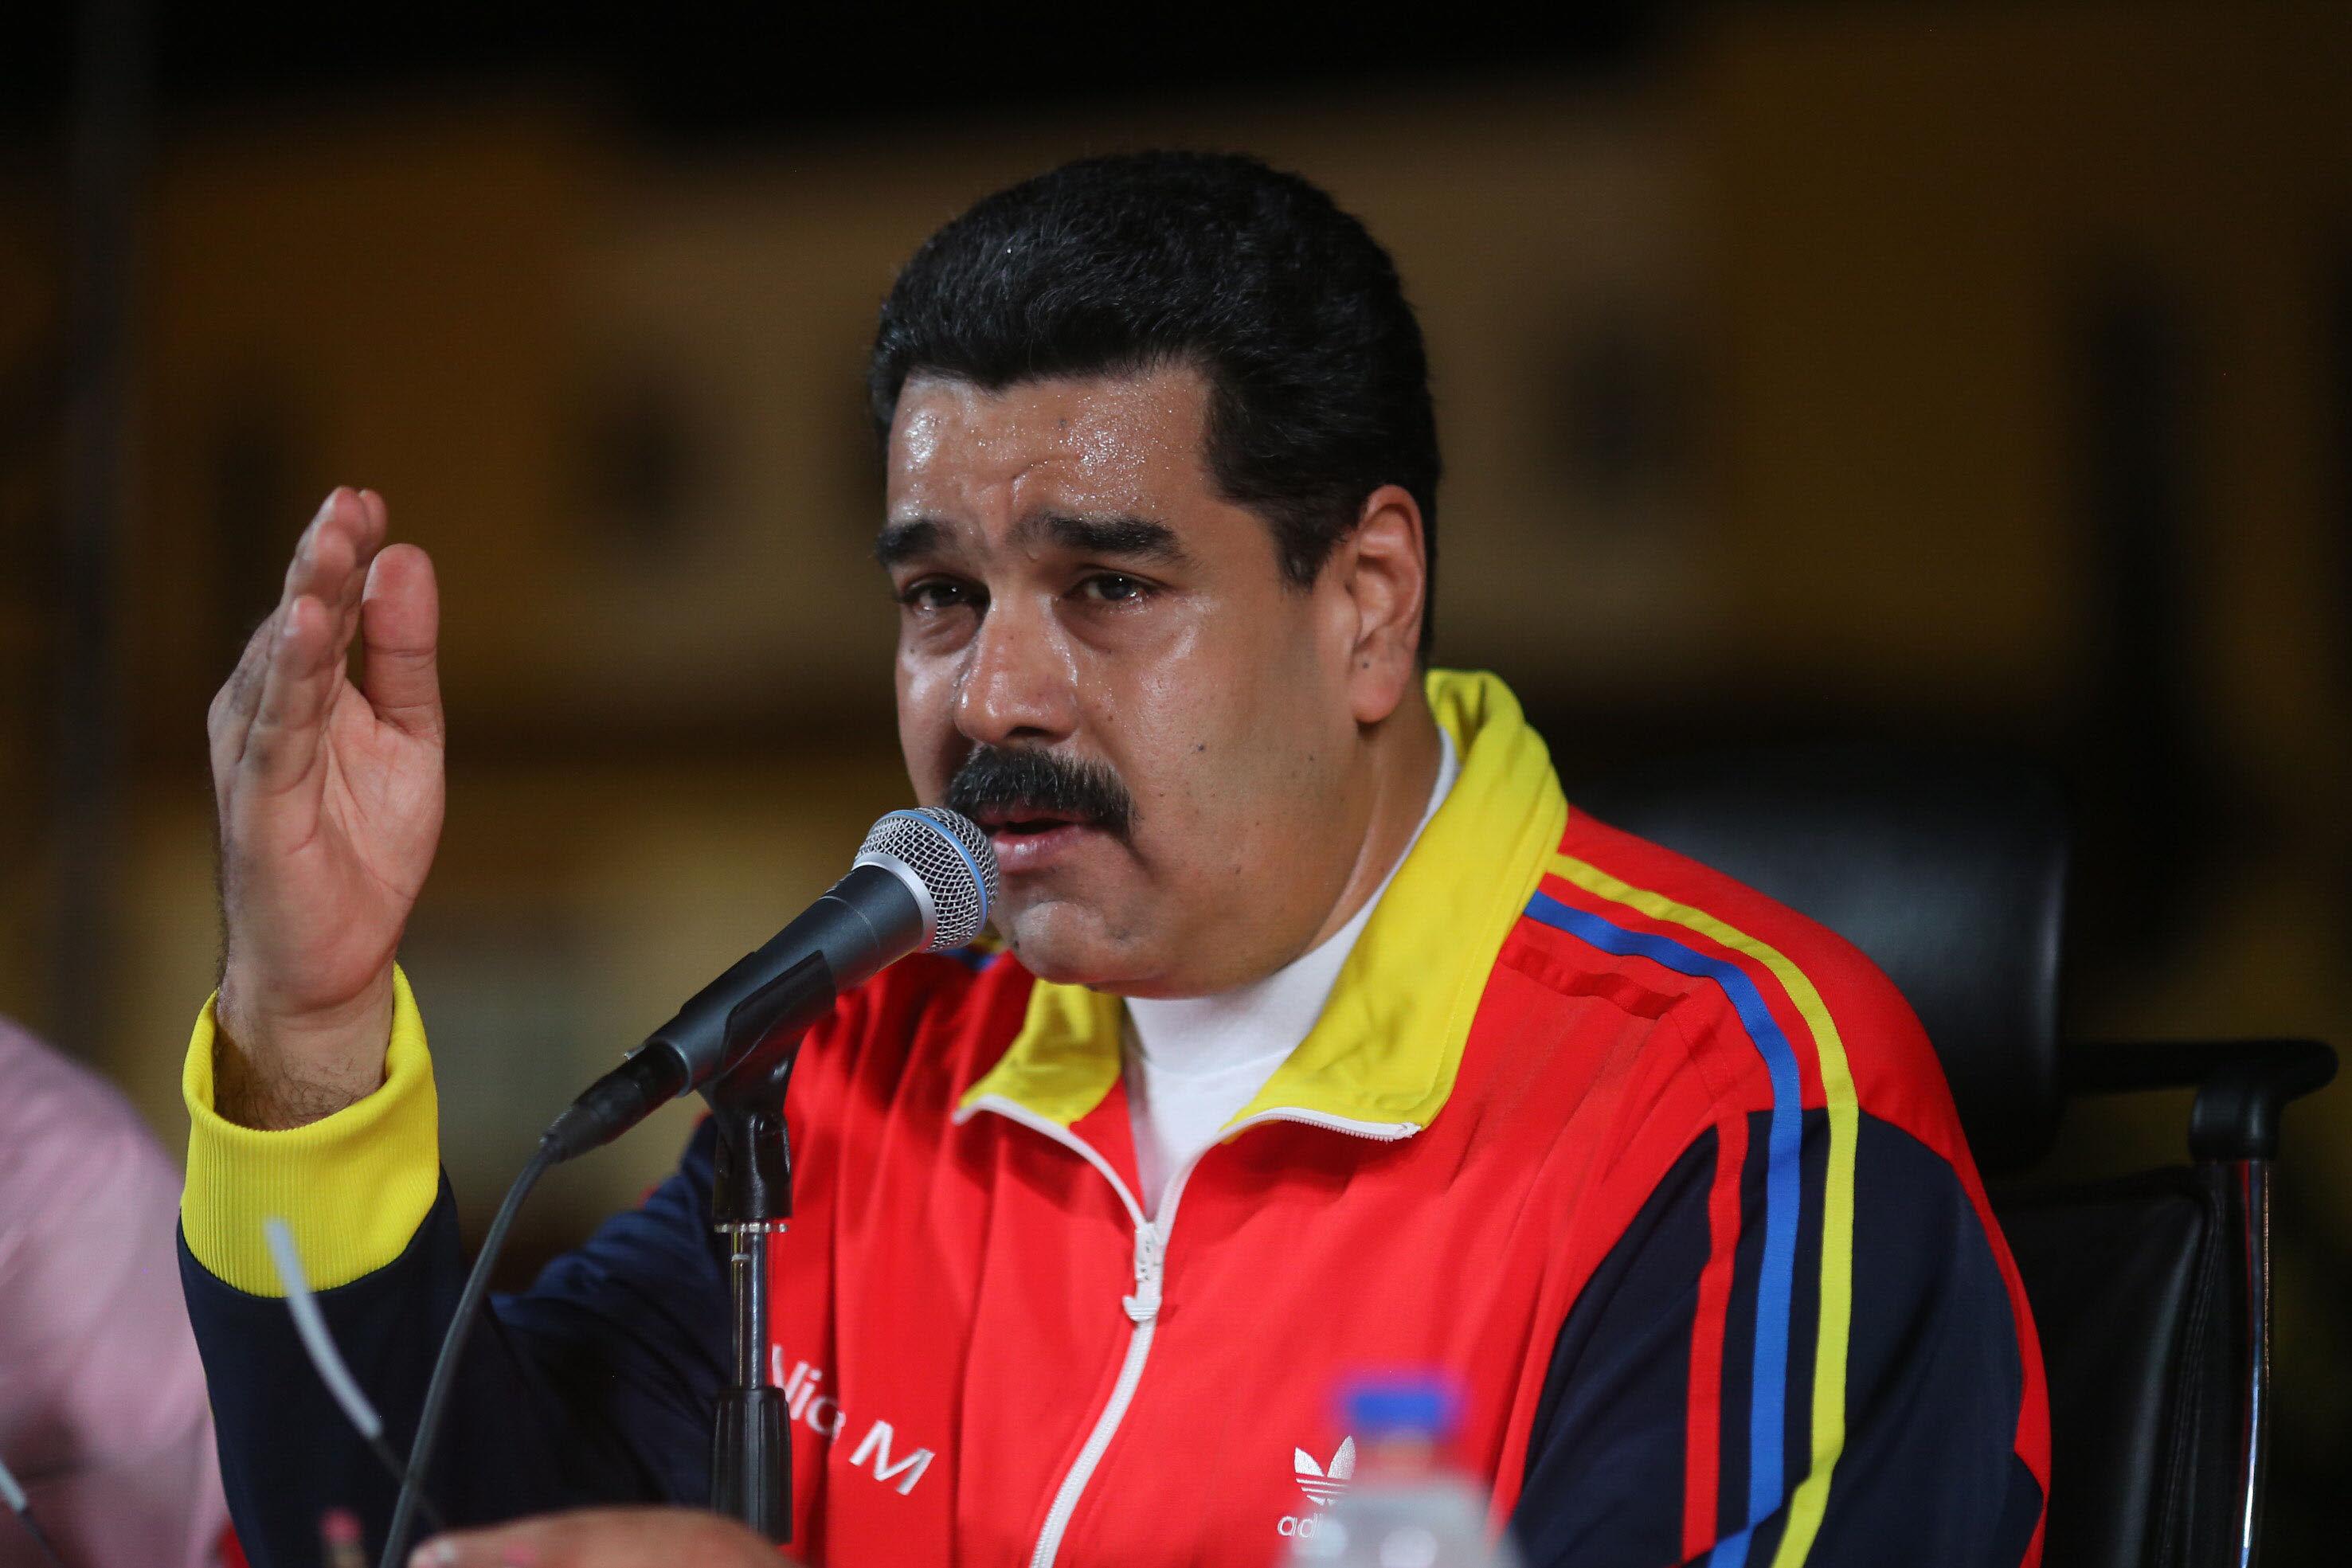 El presidente venezolano, Nicolás Maduro, en un acto electoral en Maracaibo, el pasado viernes. EFE